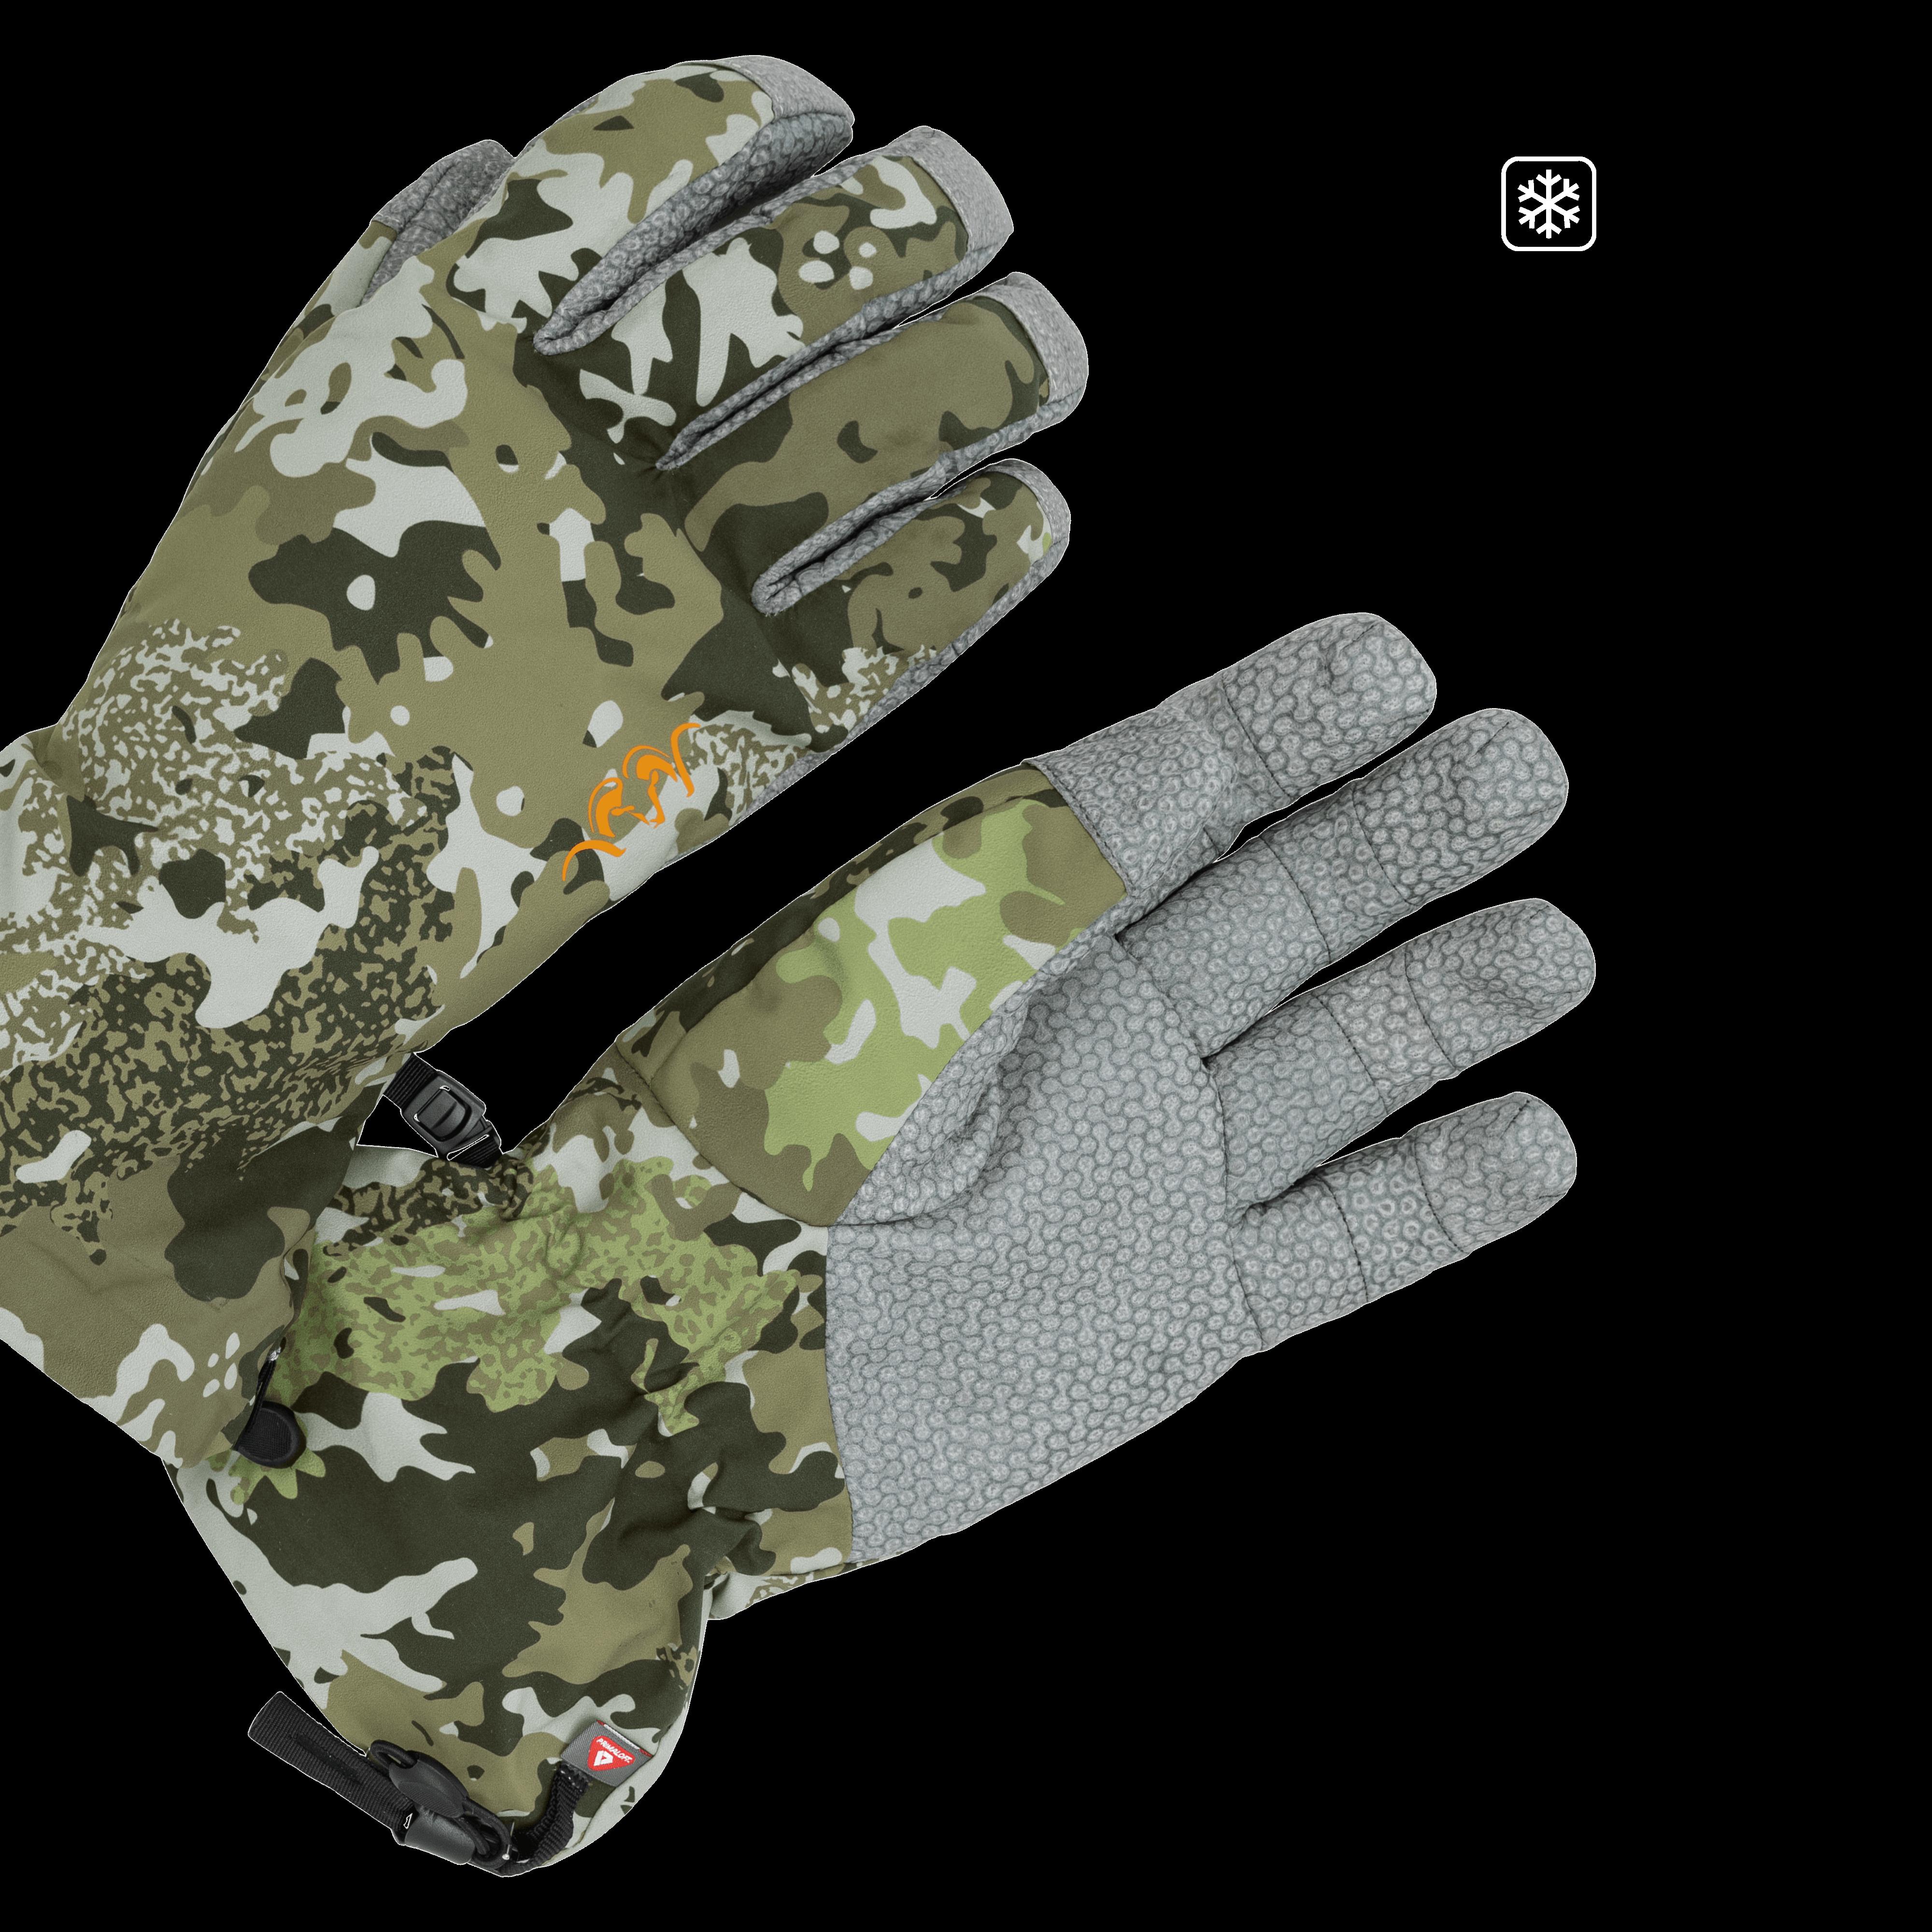 BLASER Winter Handschuh 21